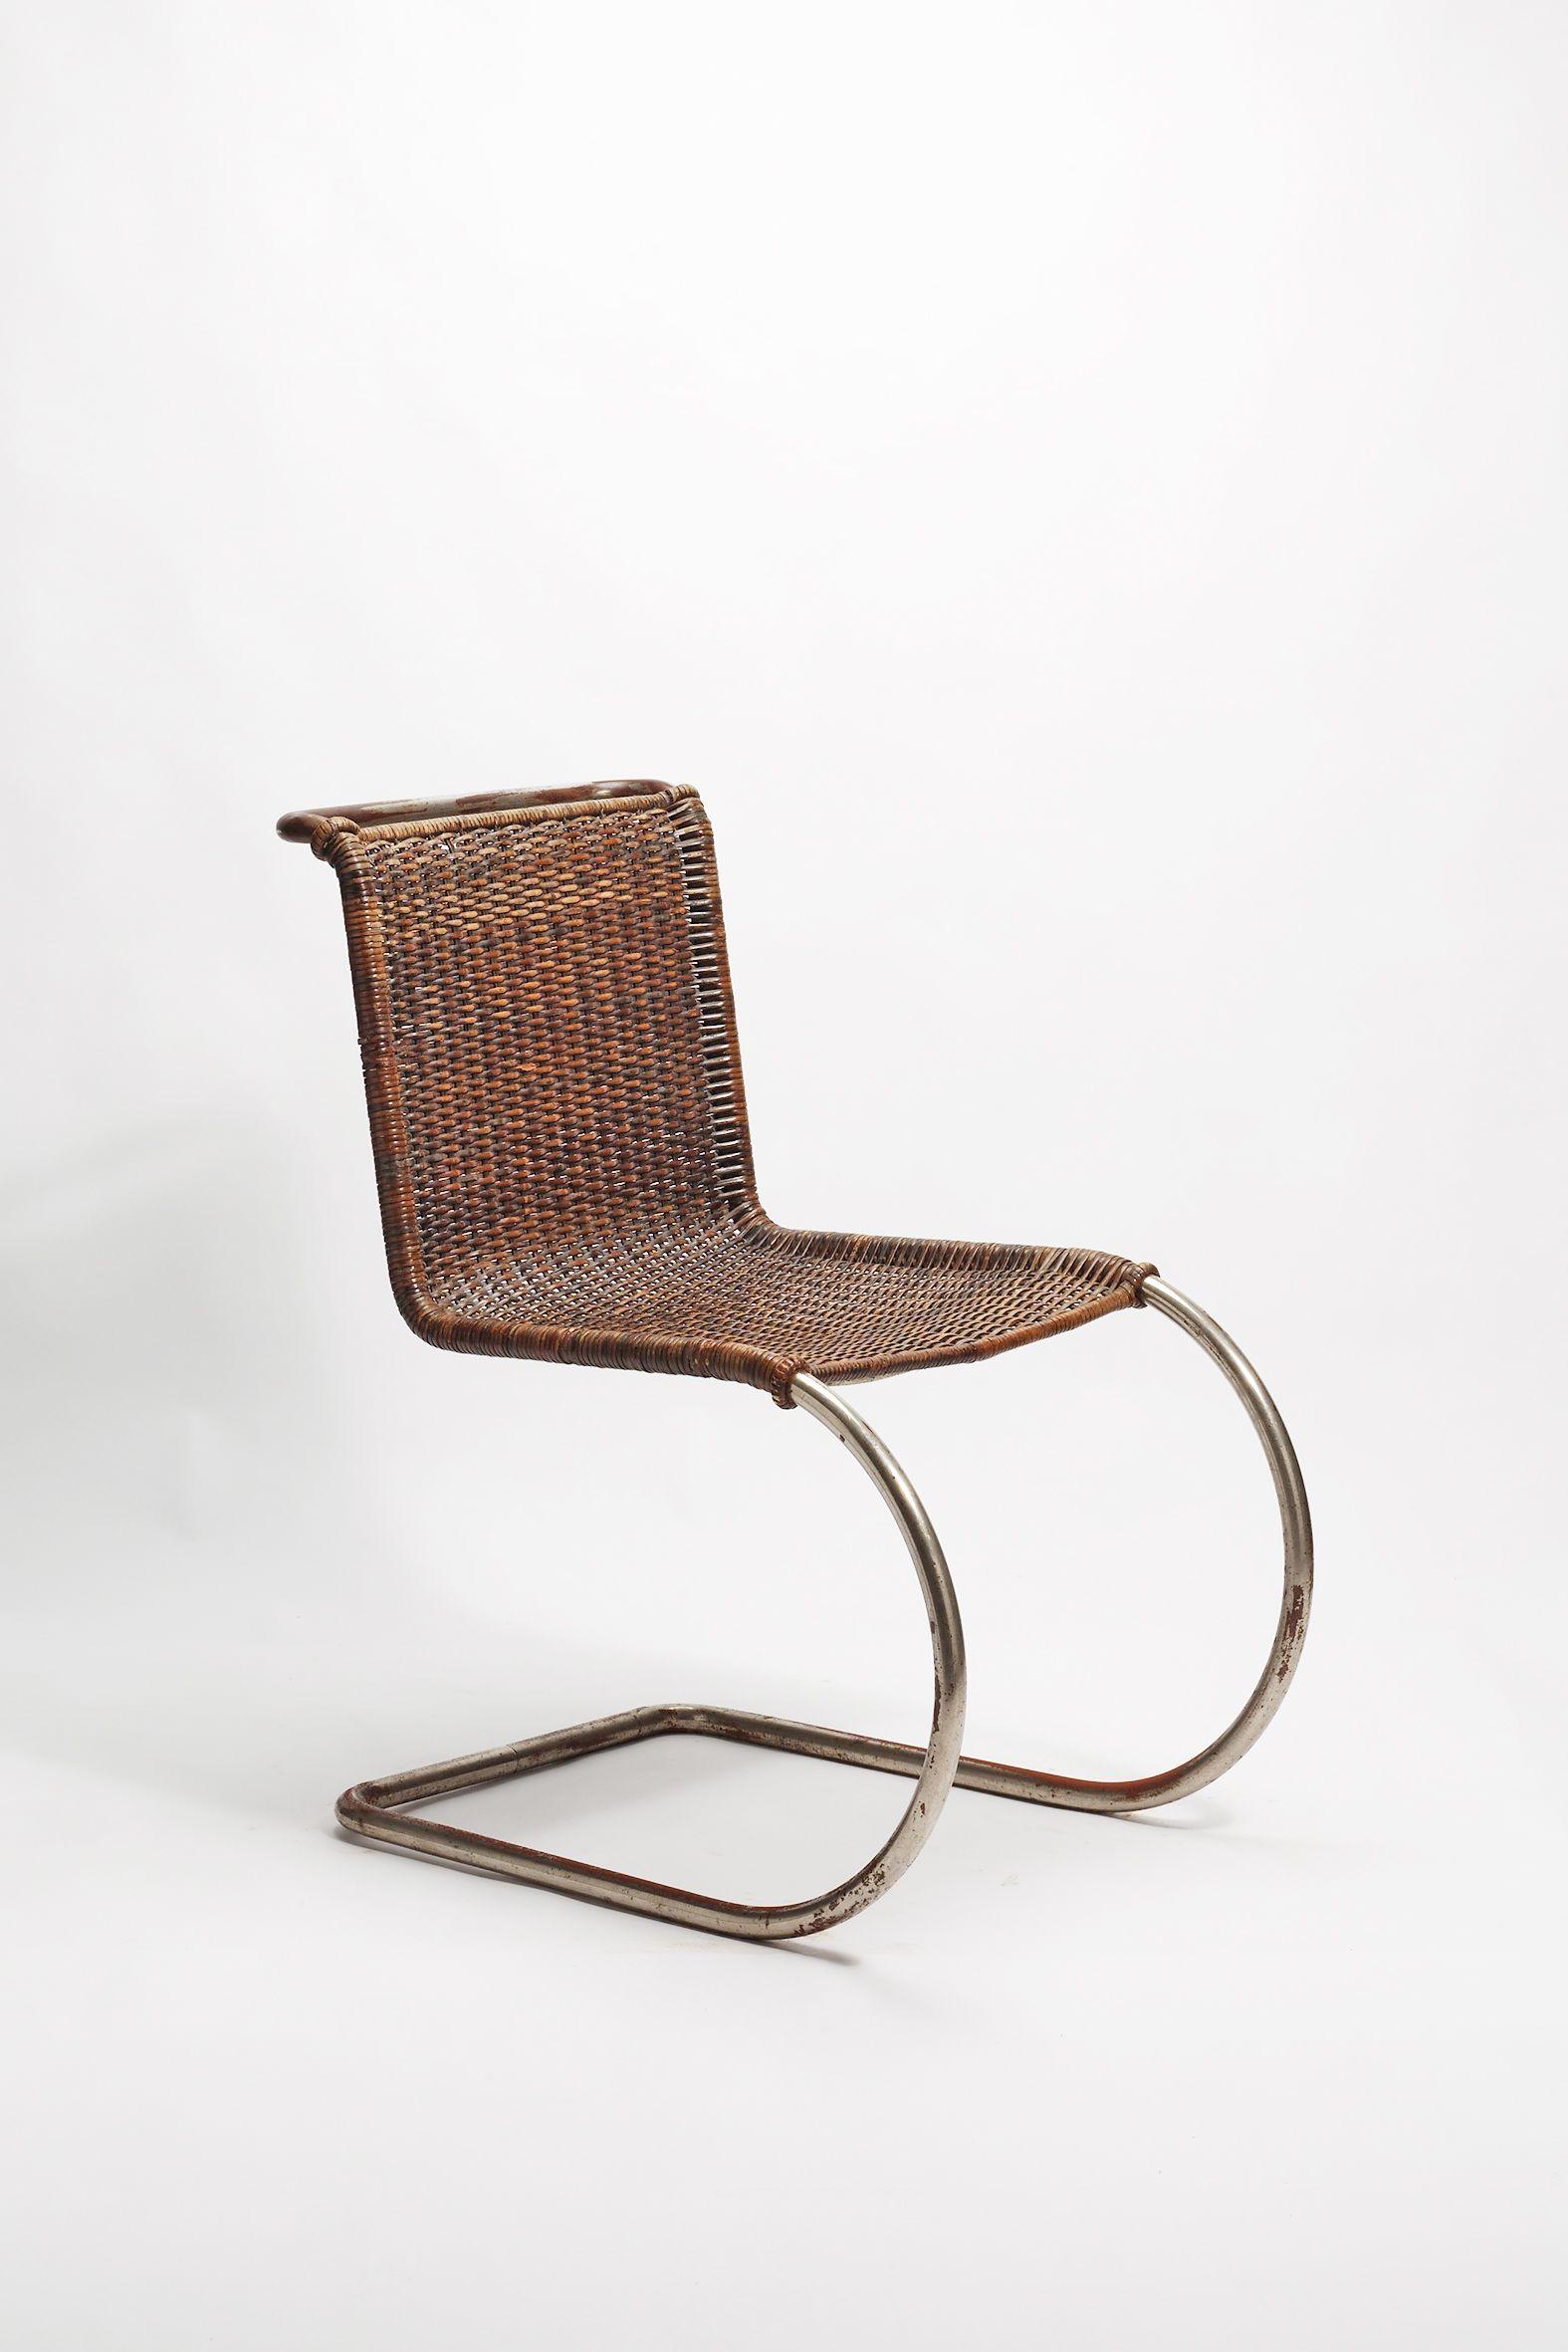 Ludwig Mies Van Der Rohe Freischwinger Mr 533 Um 1934 Furniture